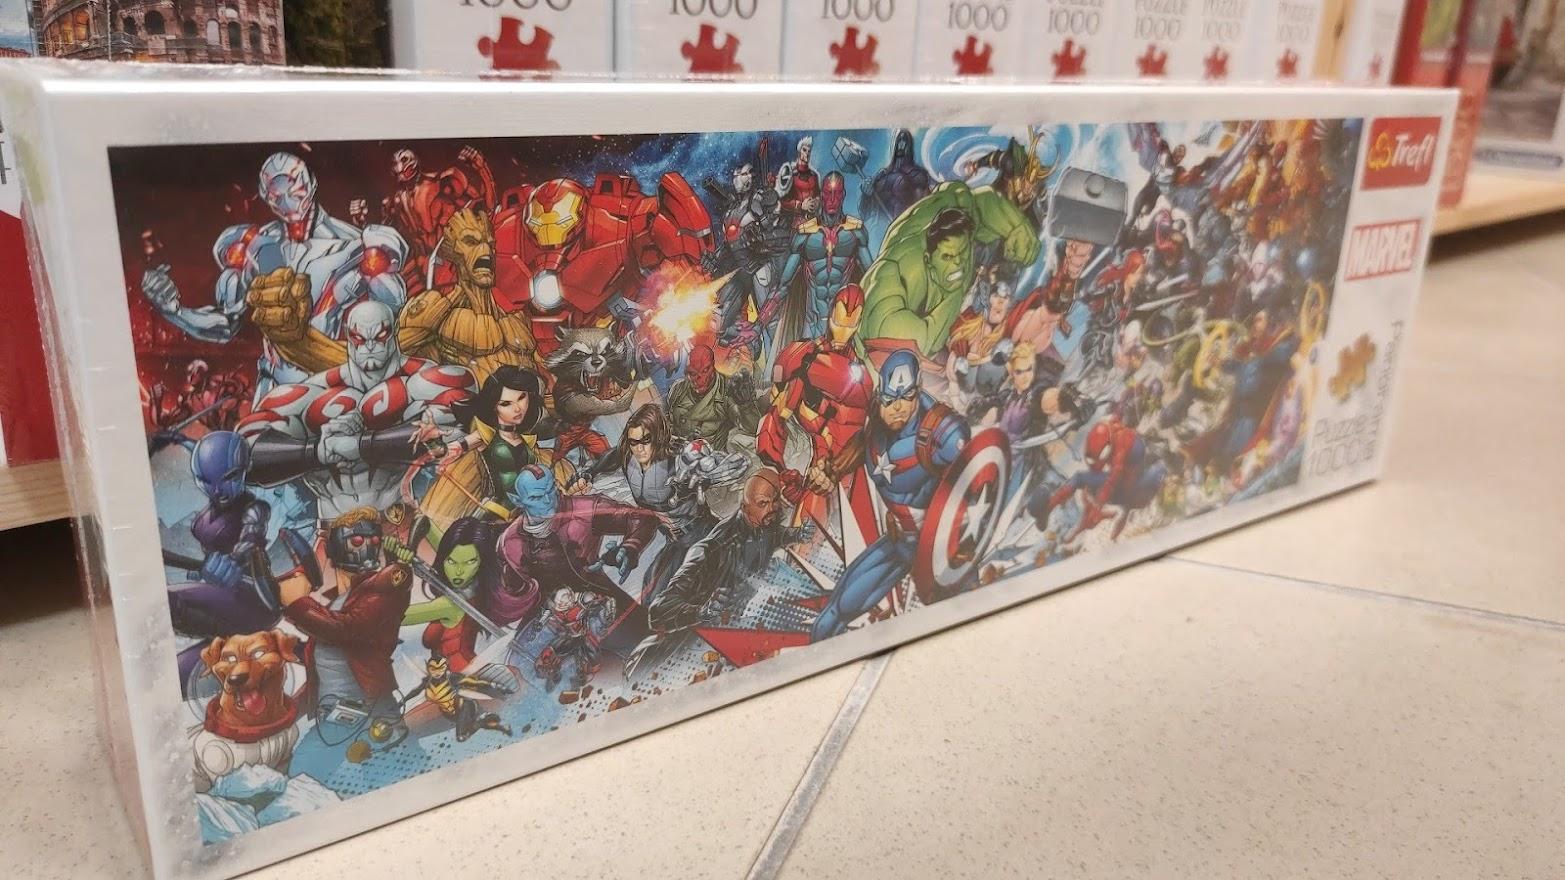 Bosszúállók panoráma puzzle Marvel rajongóknak!